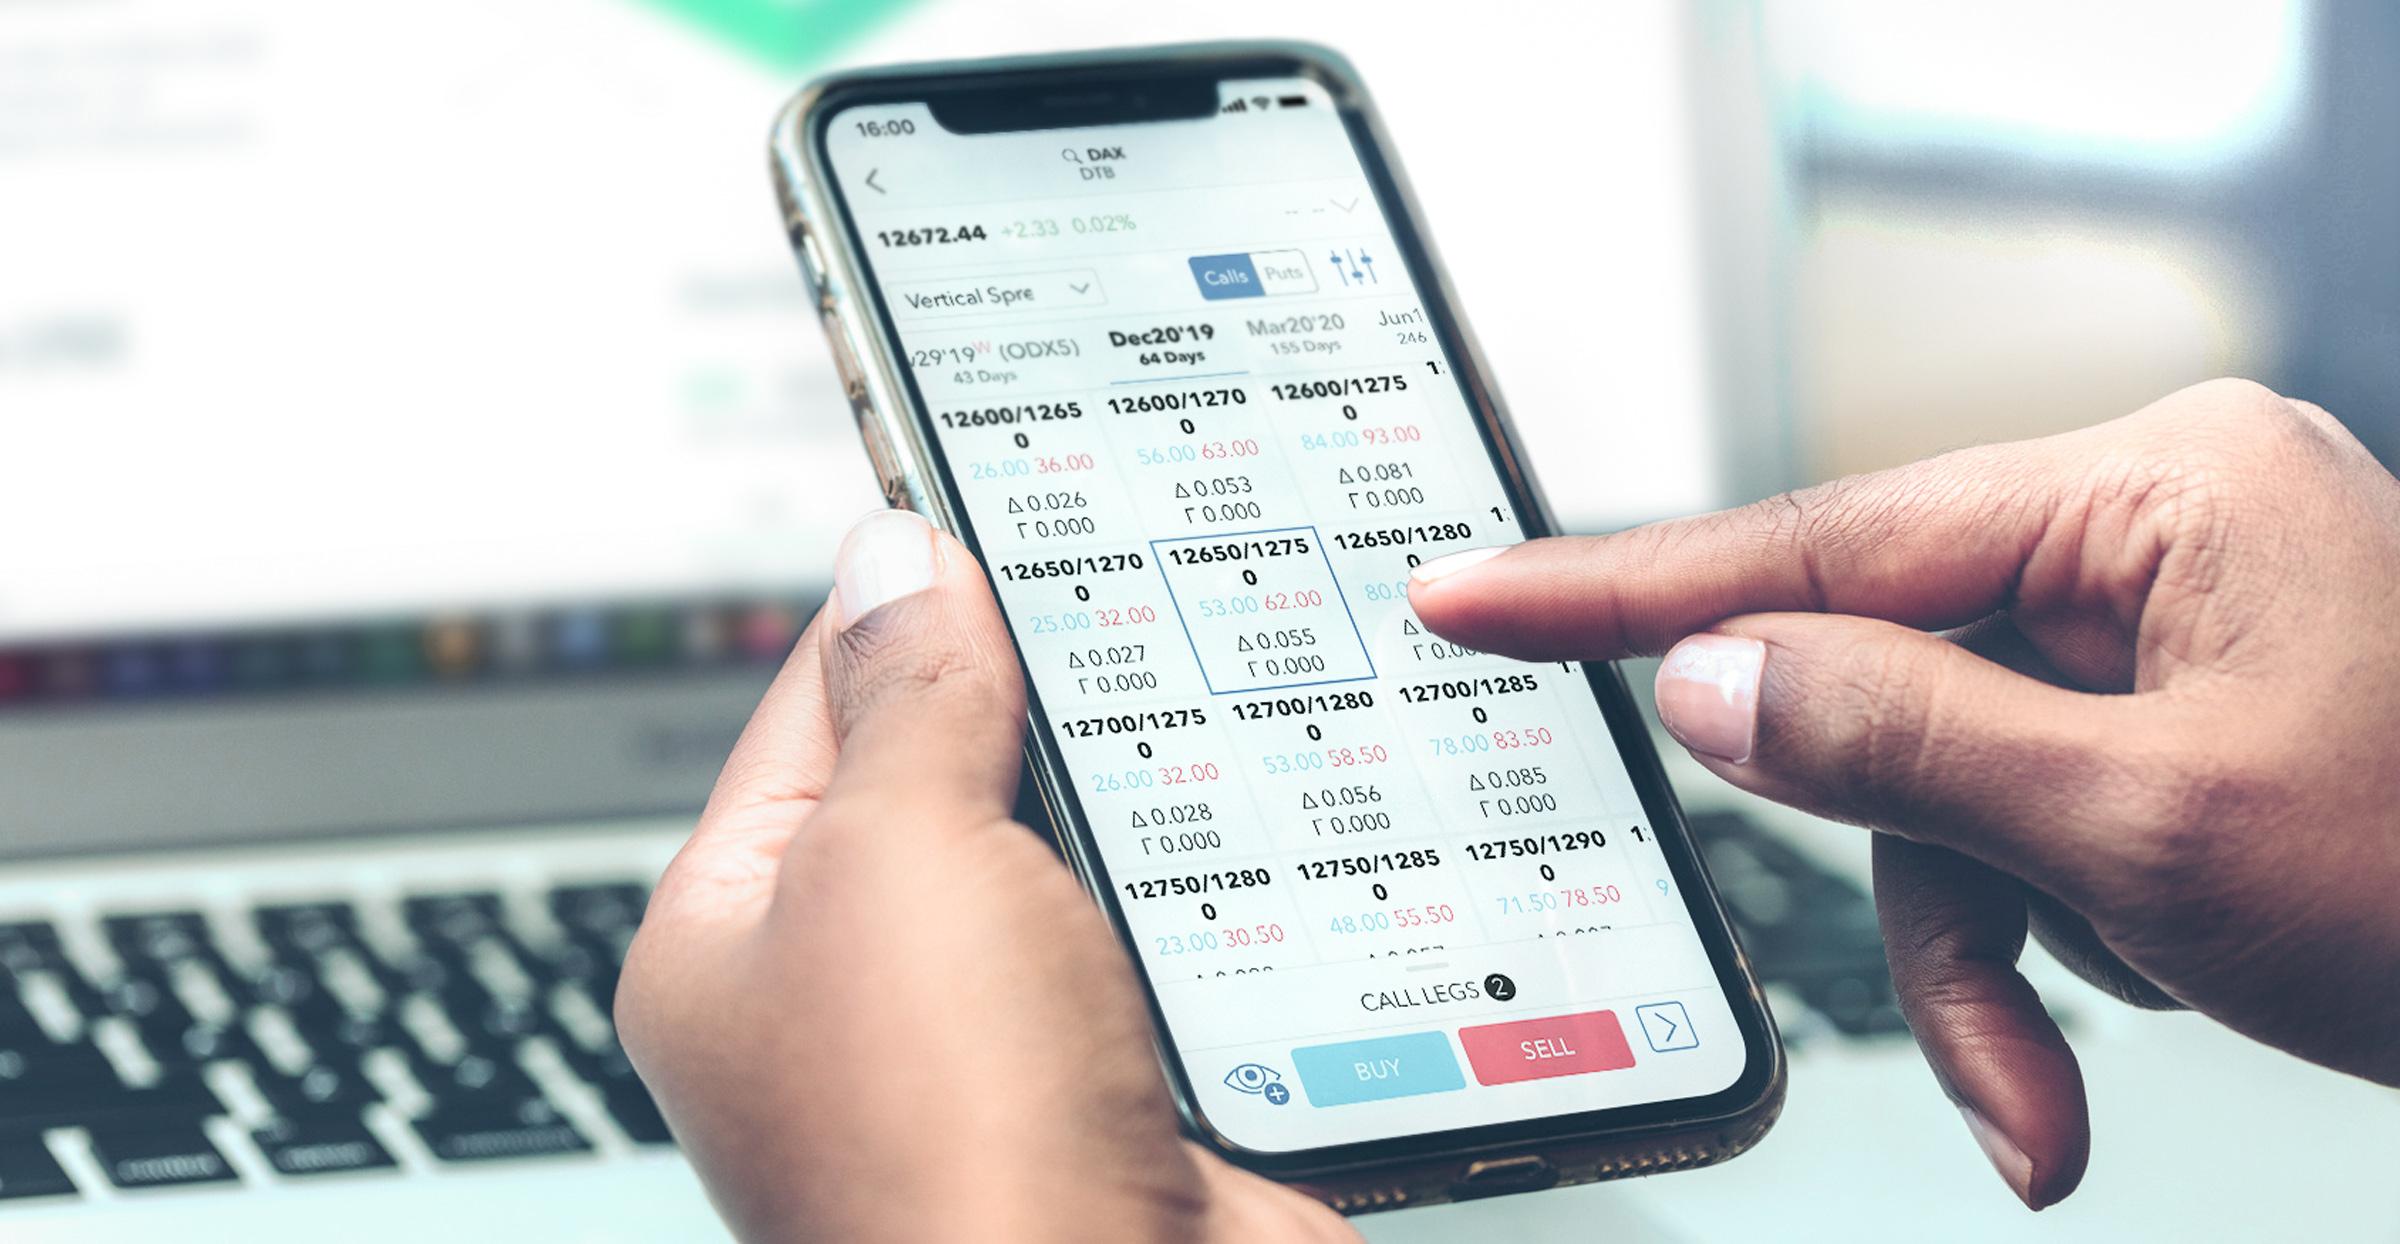 LYNX mobiilisovellukset iOSille ja Androidille